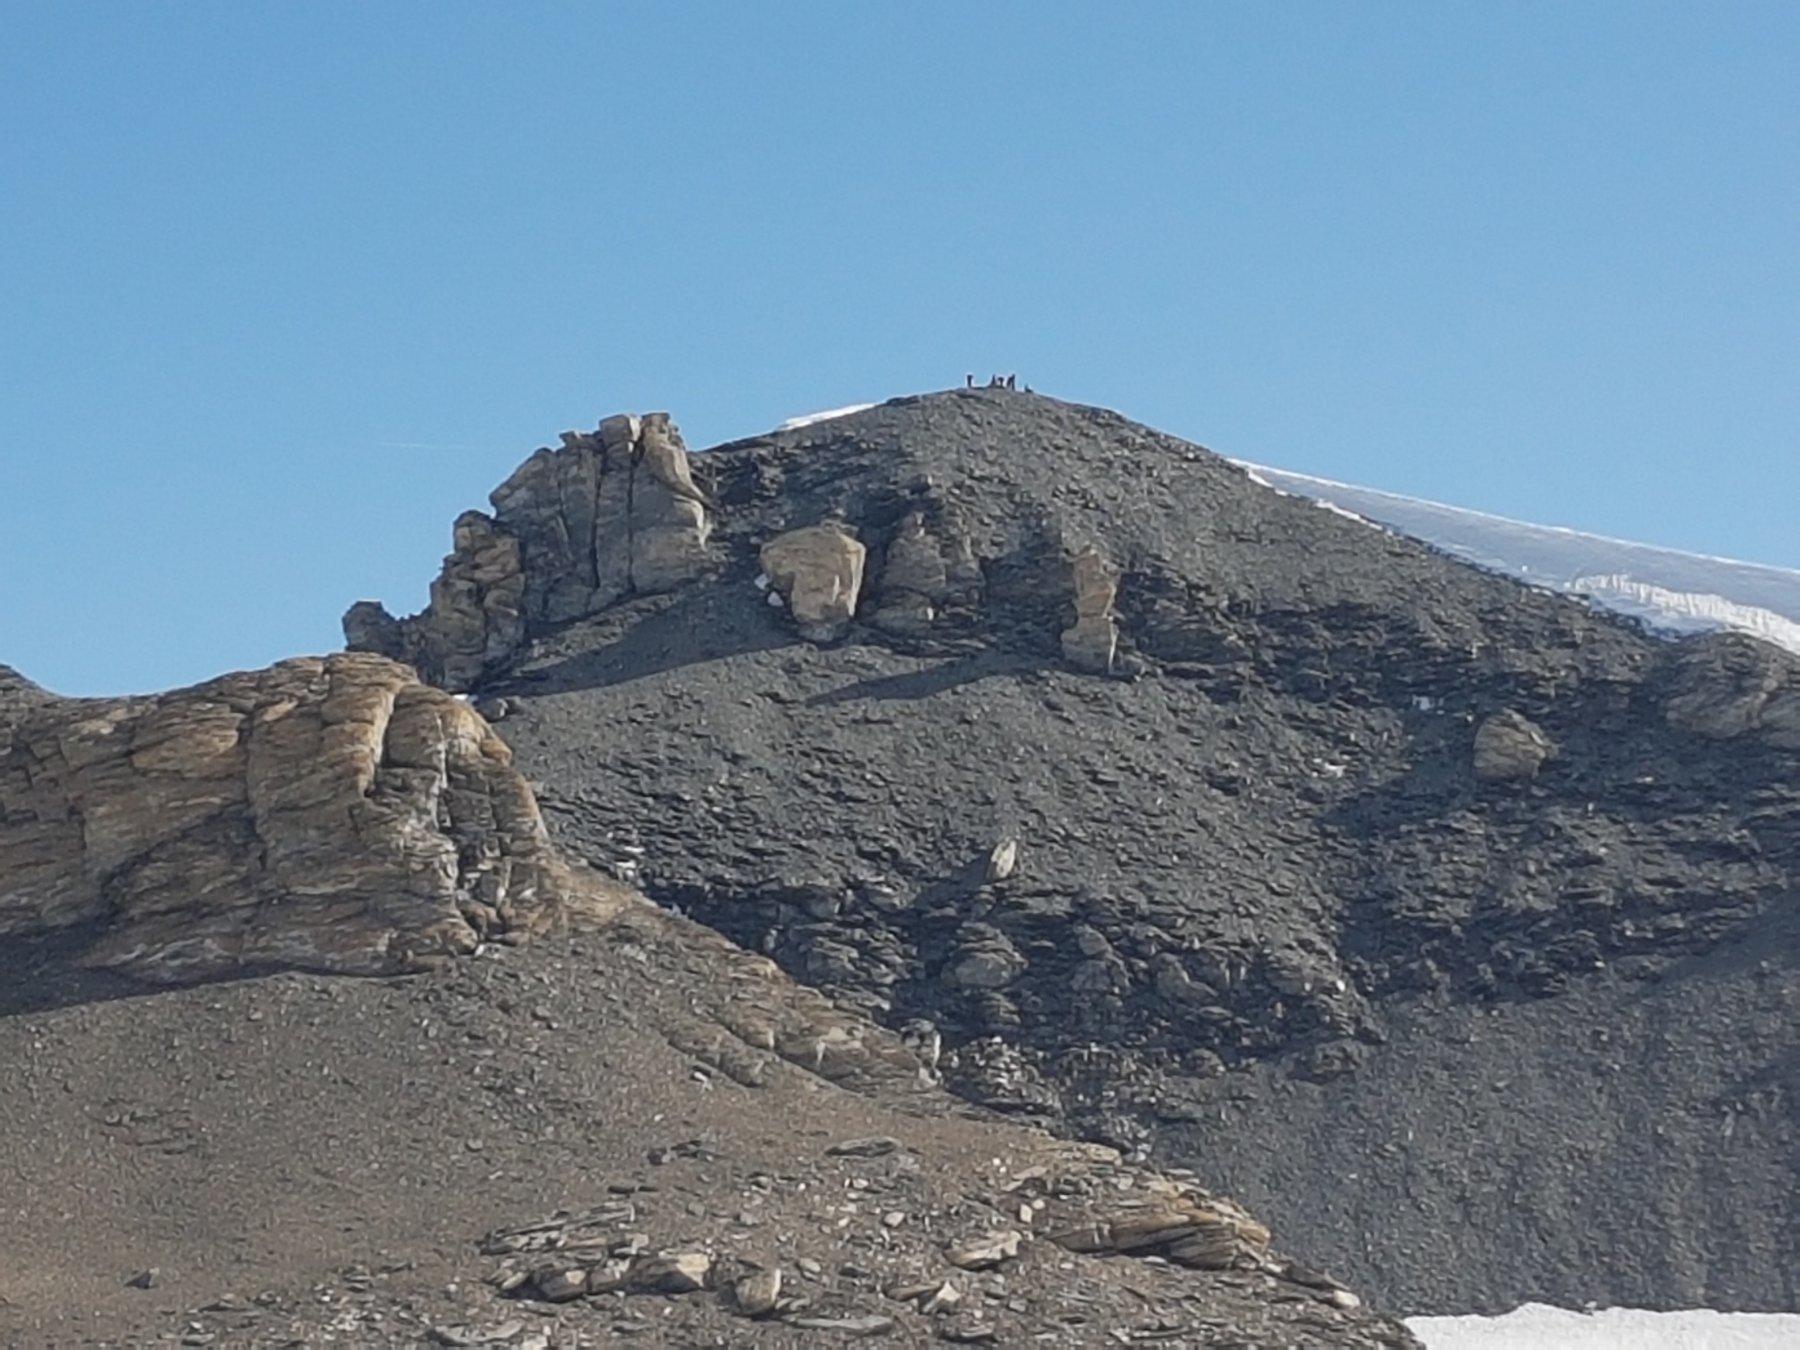 La cima del Tournelon Blanc vista dal colle a 3600